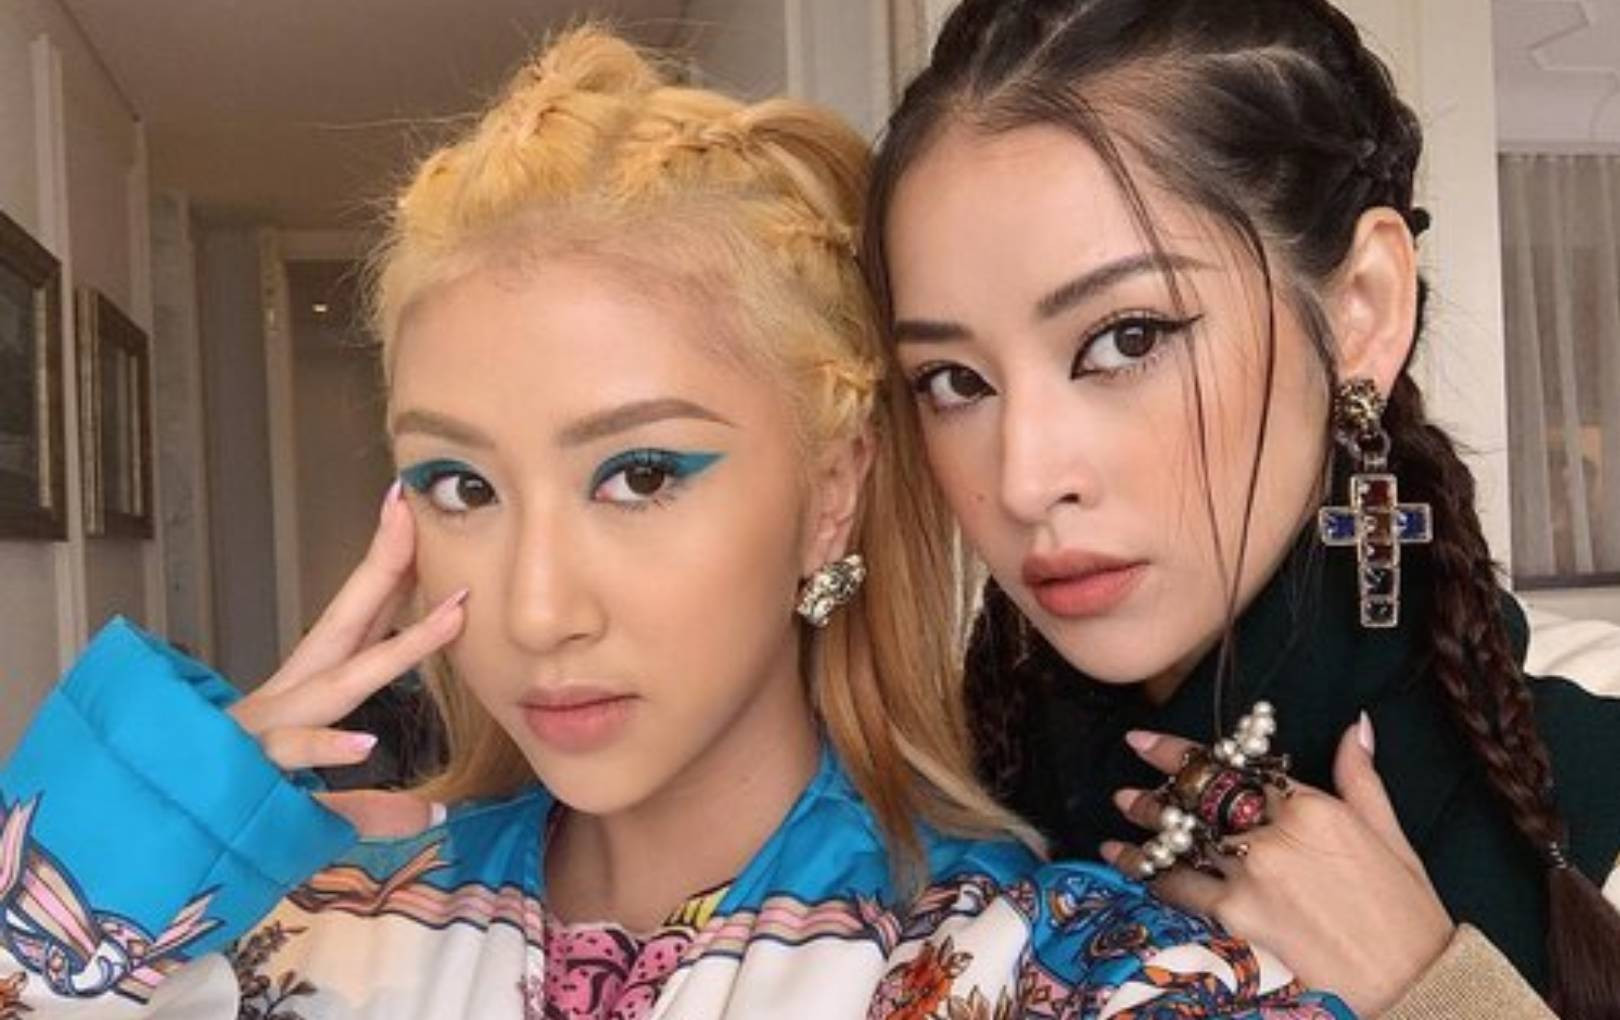 Lần đầu tiên Quỳnh Anh Shyn và Chi Pu cùng bình luận dưới 1 bài đăng sau drama nghỉ chơi